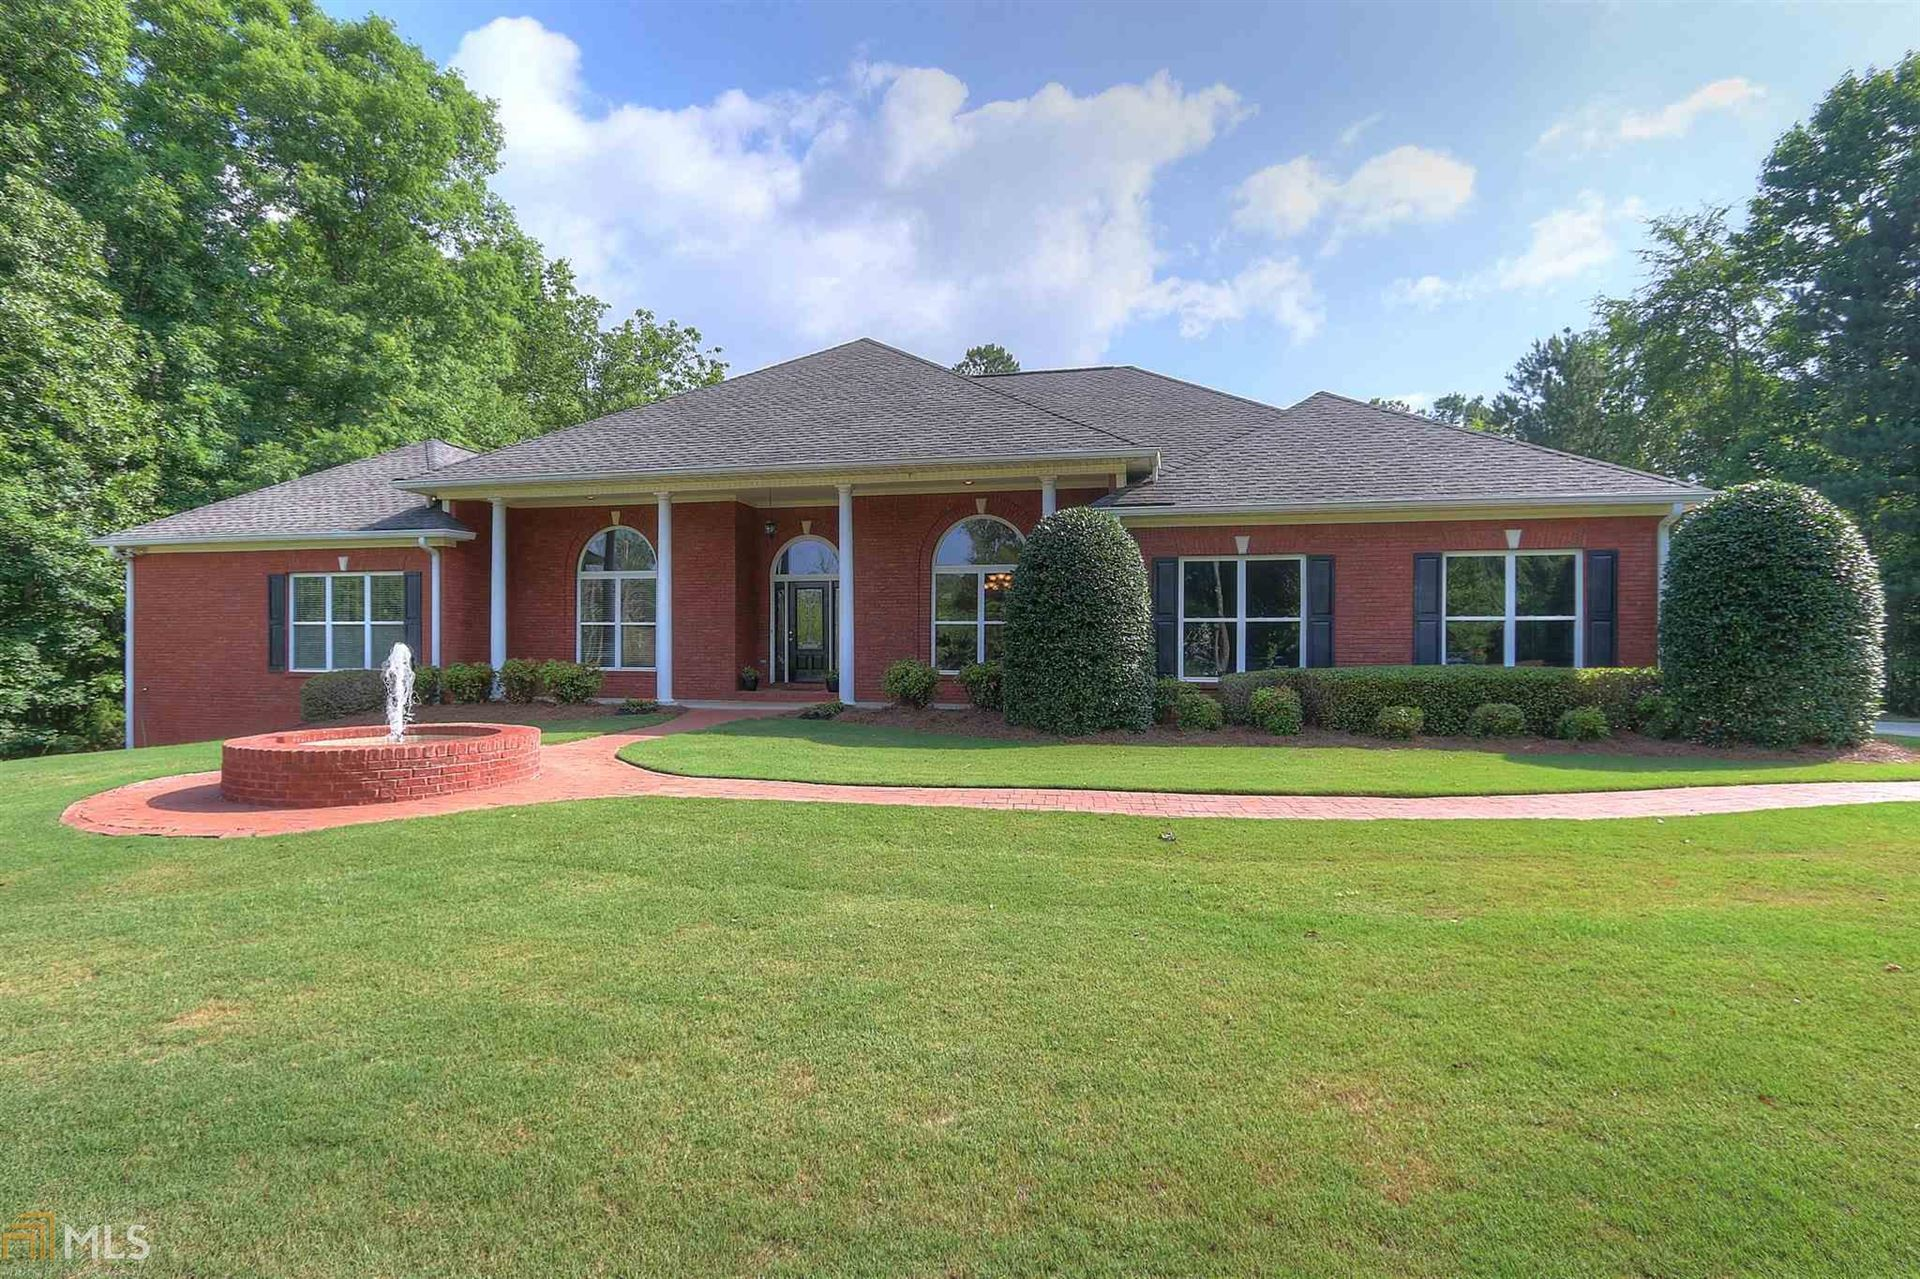 1565 Brooks Farm Path, Loganville, GA 30052 - MLS#: 8744073